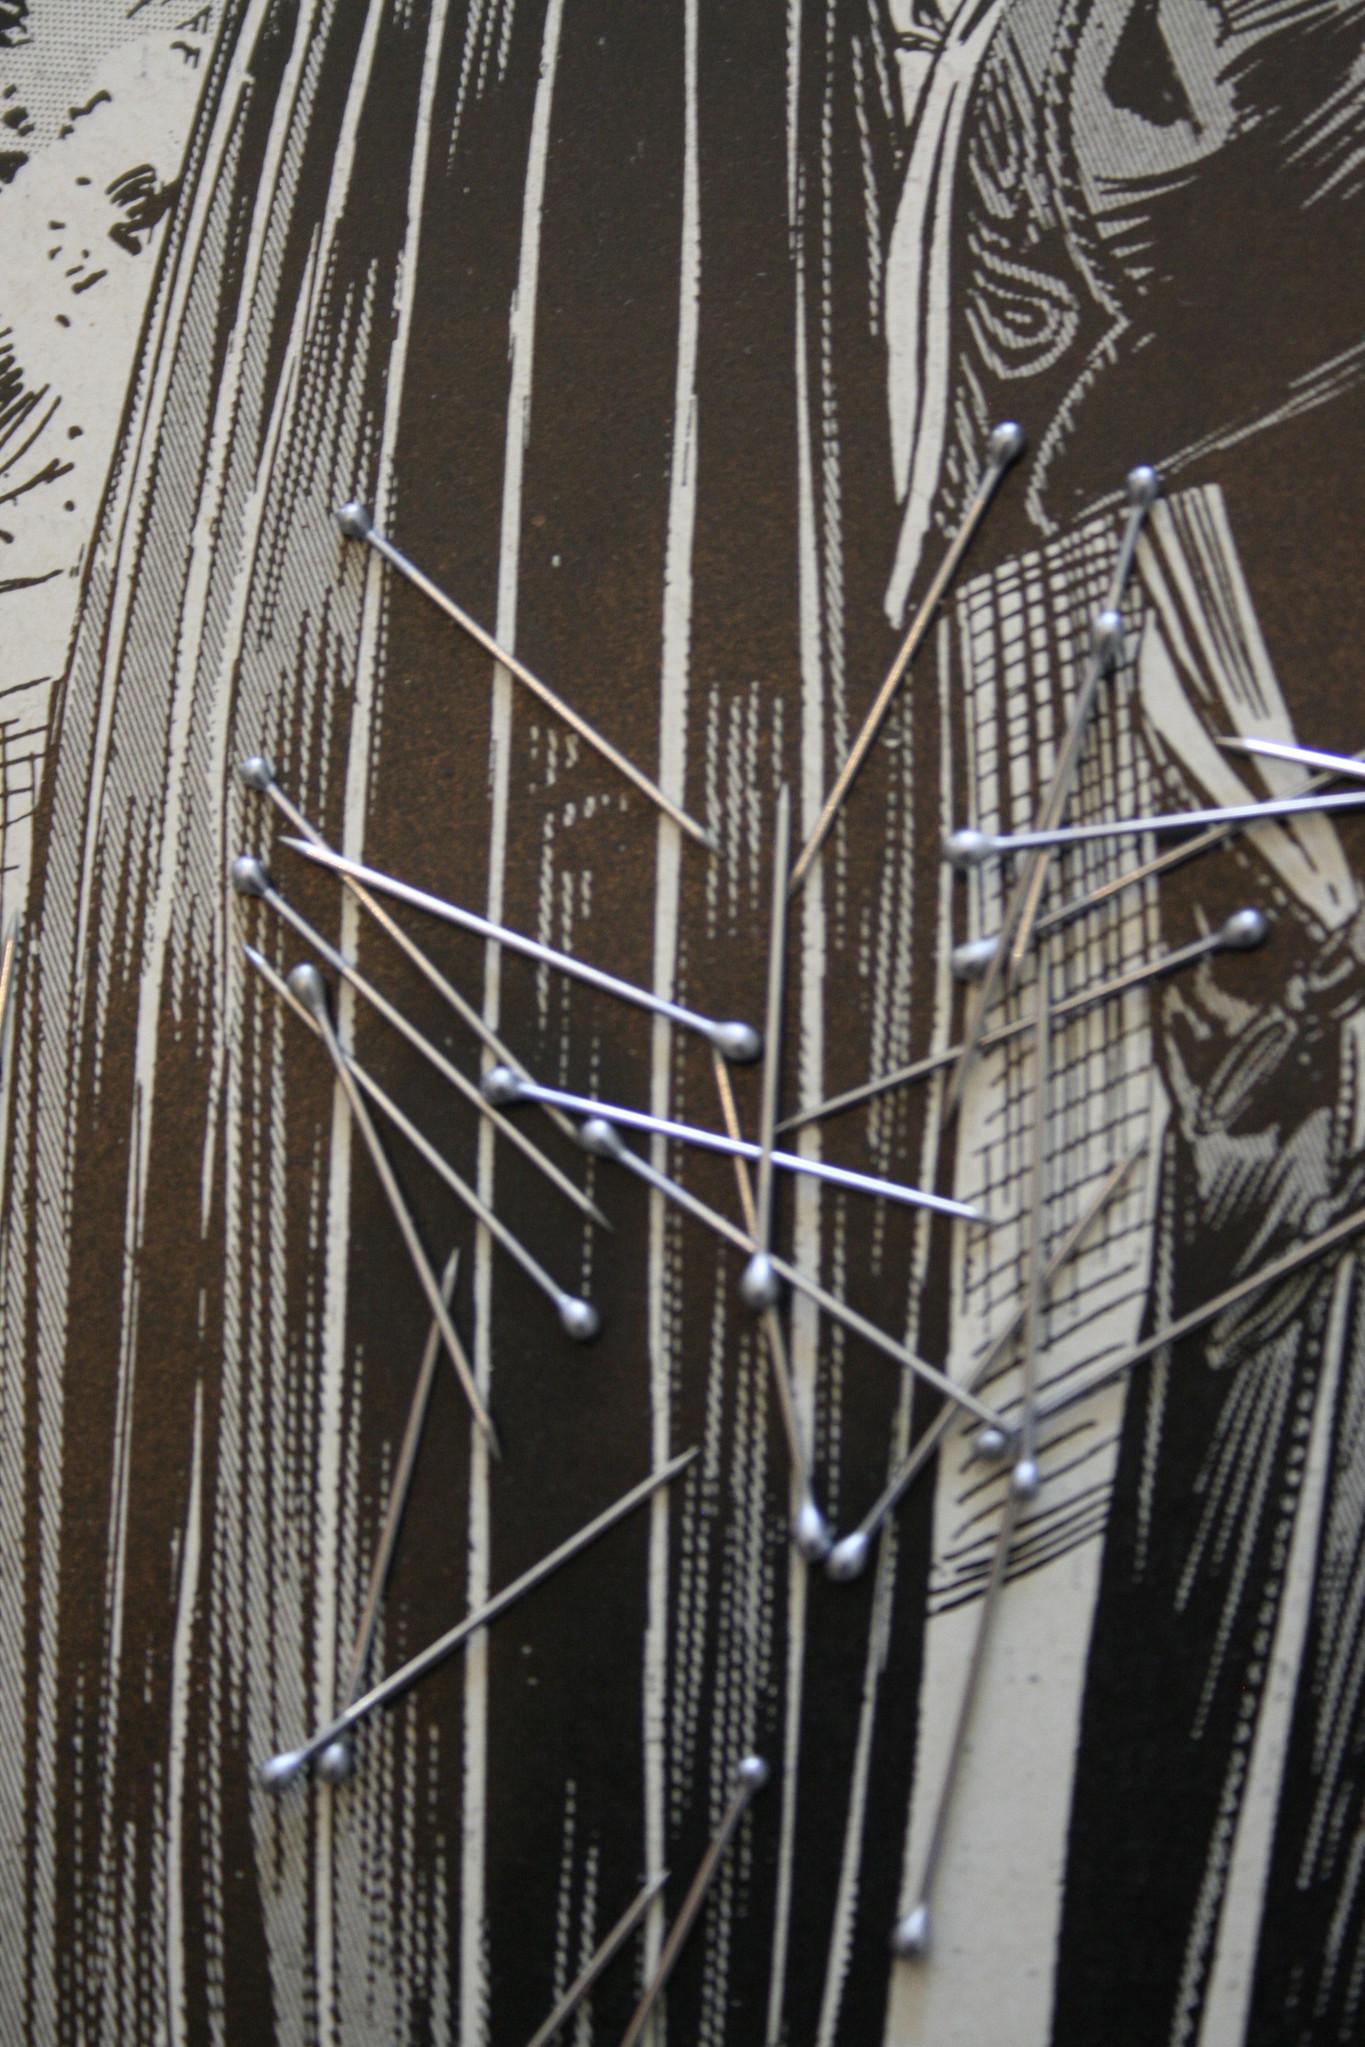 Shirt/dress pins of spelden.